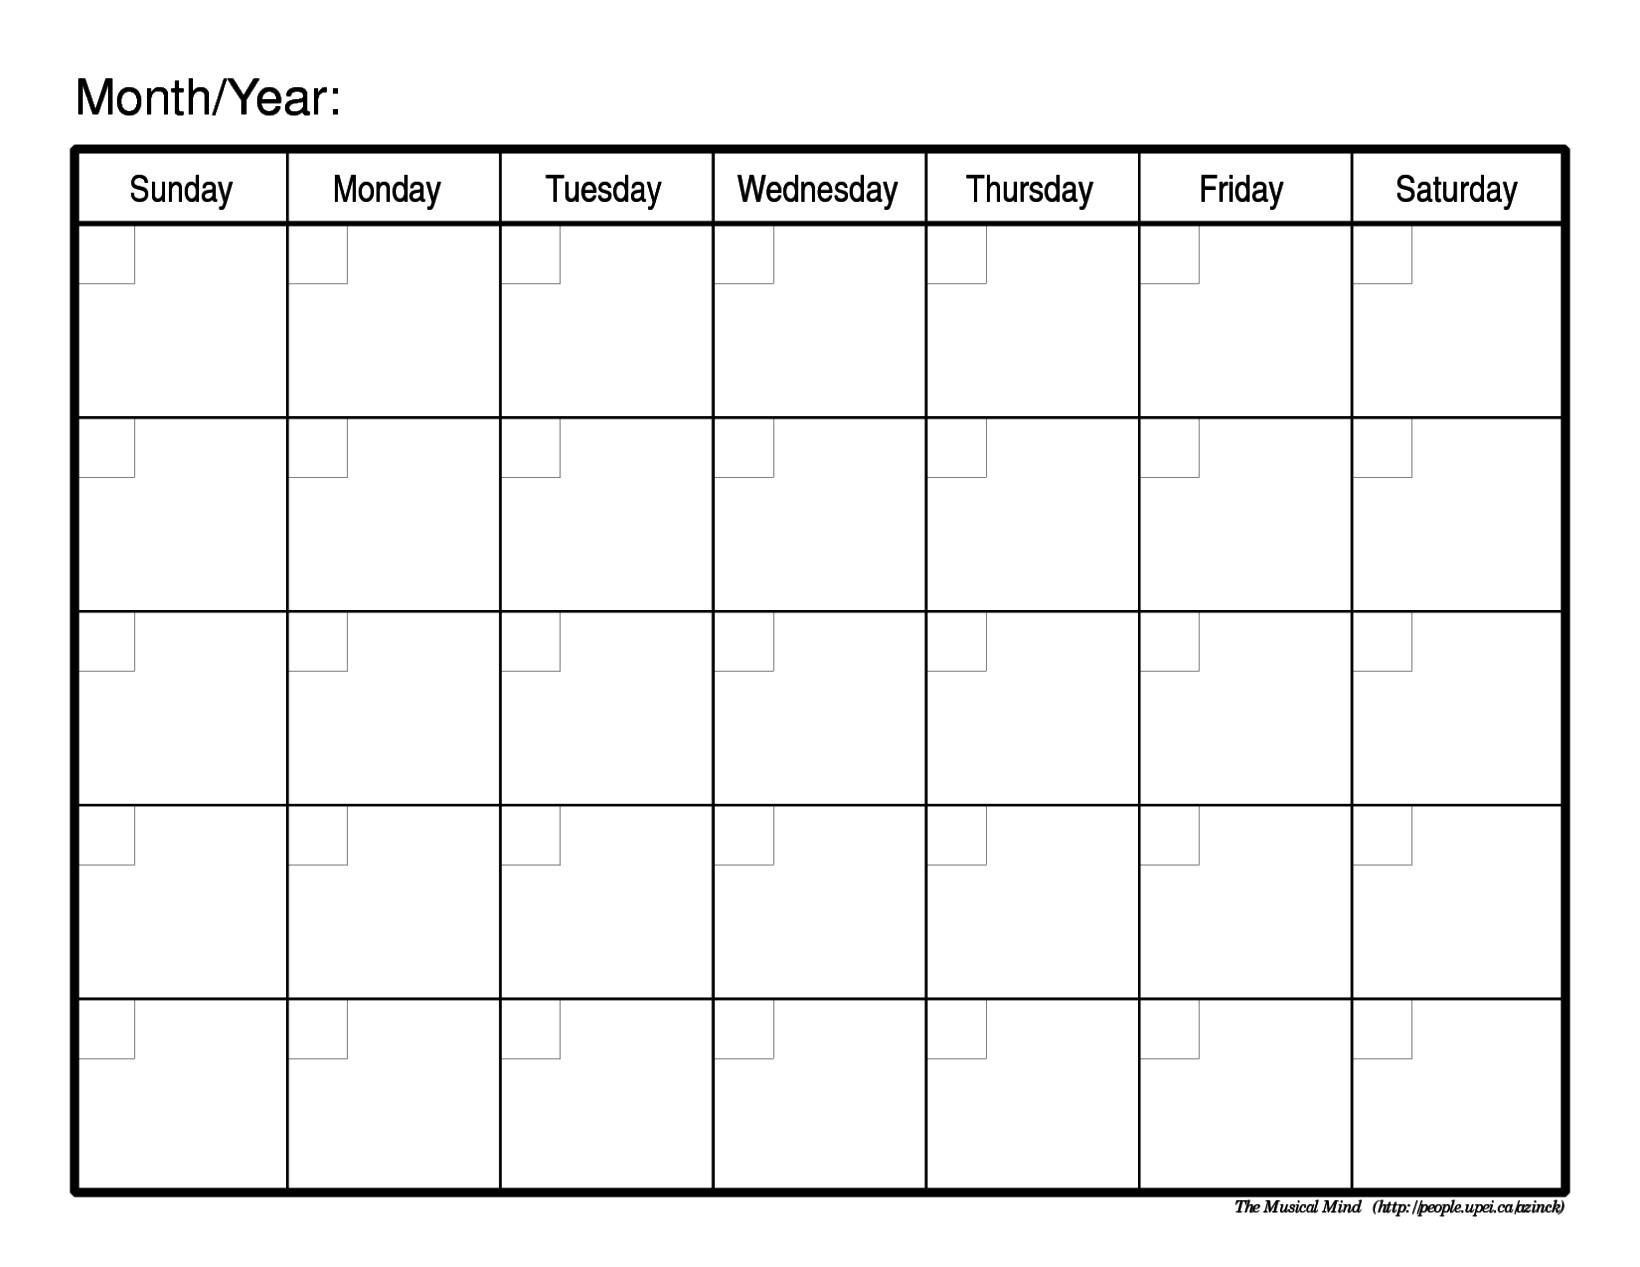 Schedule Template Free Printable Weekly Calendar Blank